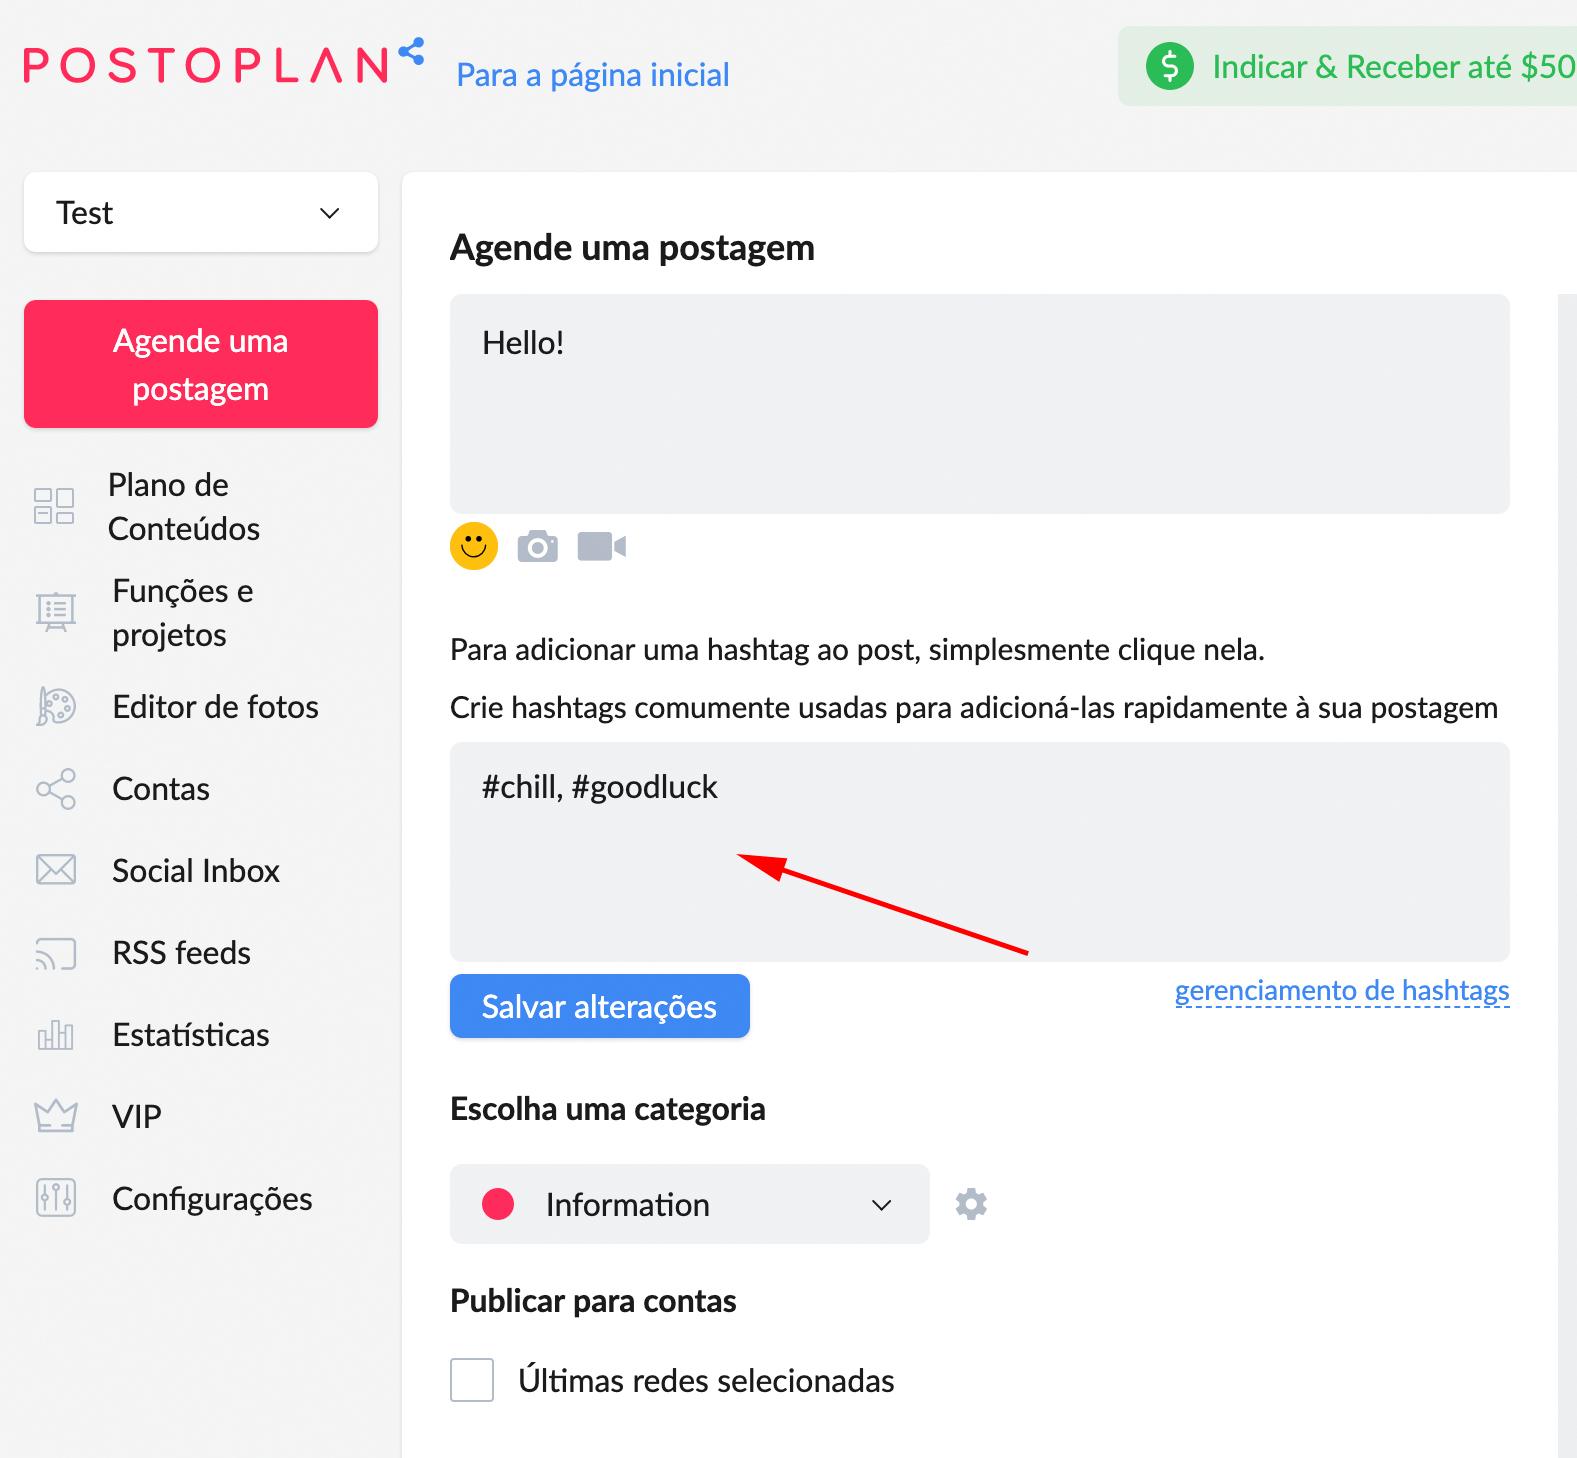 Como automatizar a postagem da rede - imagem 4